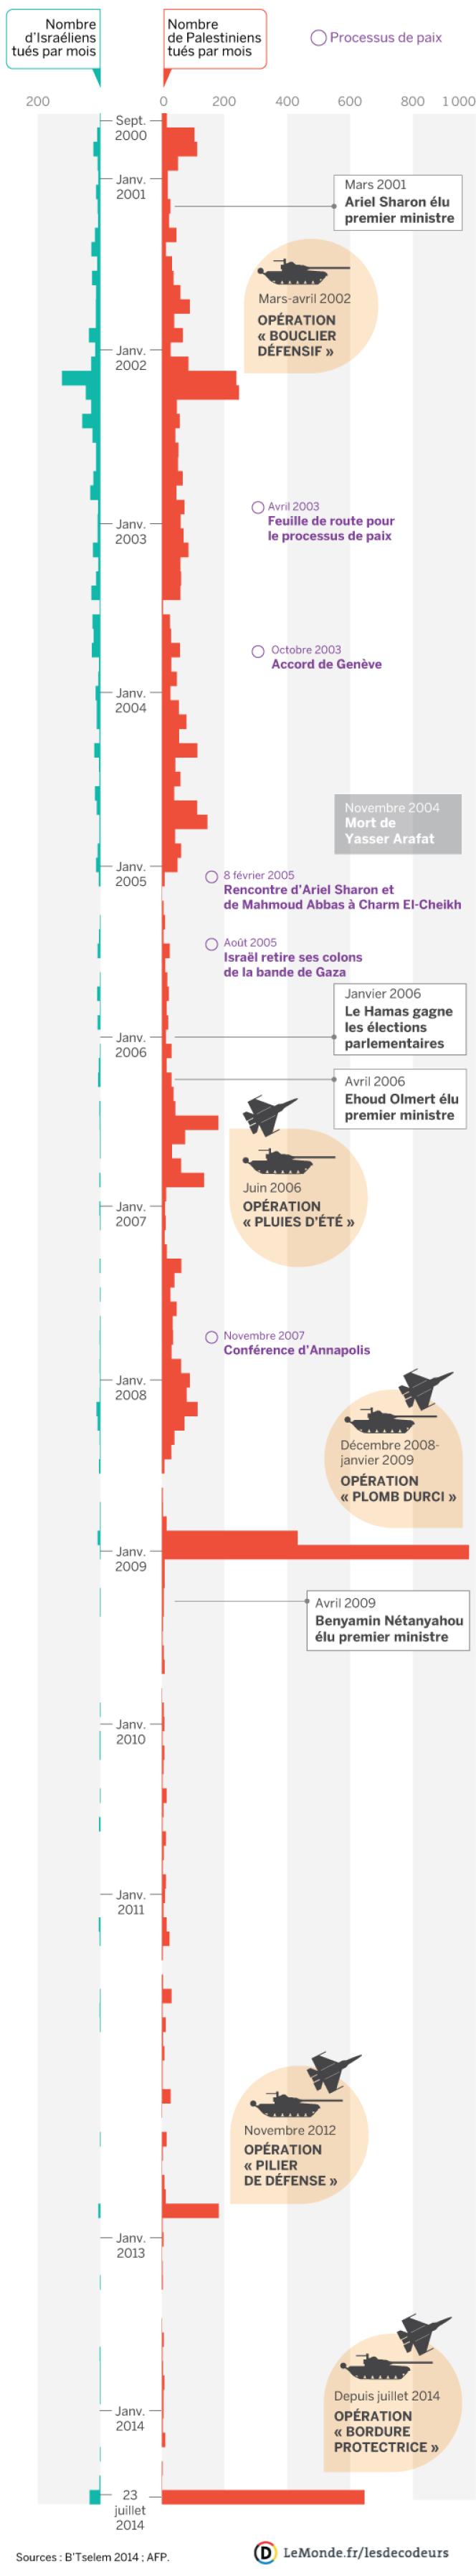 Les morts du conflit israélo-palestinien depuis septembre 2000.